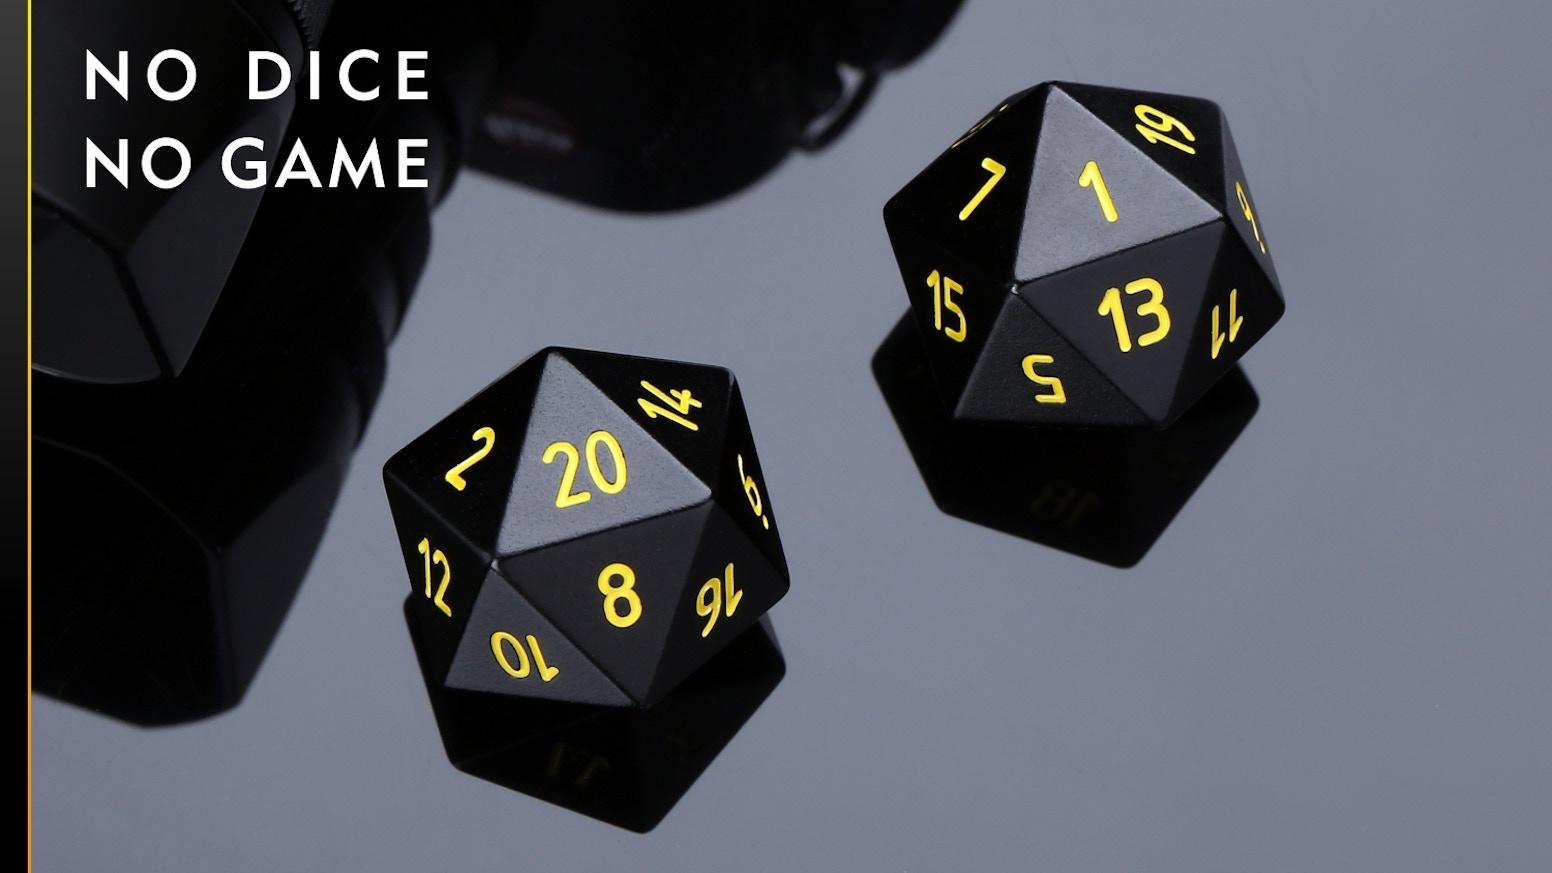 No Dice, No Game! Titanium, Zirconium, 440C Steel, Aluminum and Sliver for your choice!